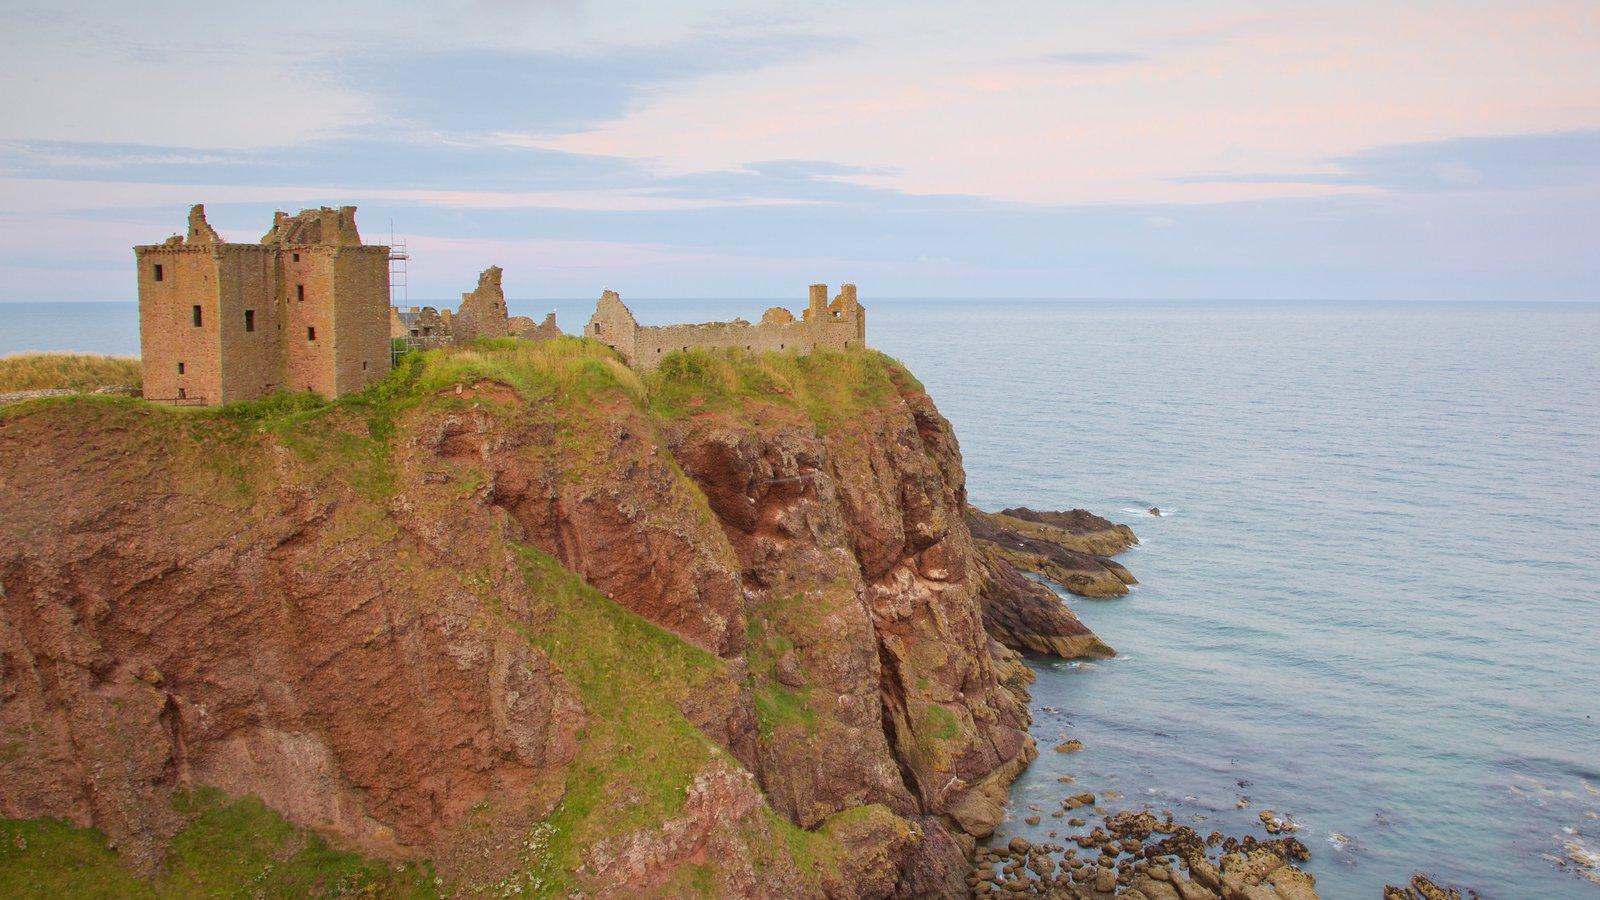 Dunnottar Castle ofreciendo vistas generales de la costa y un castillo